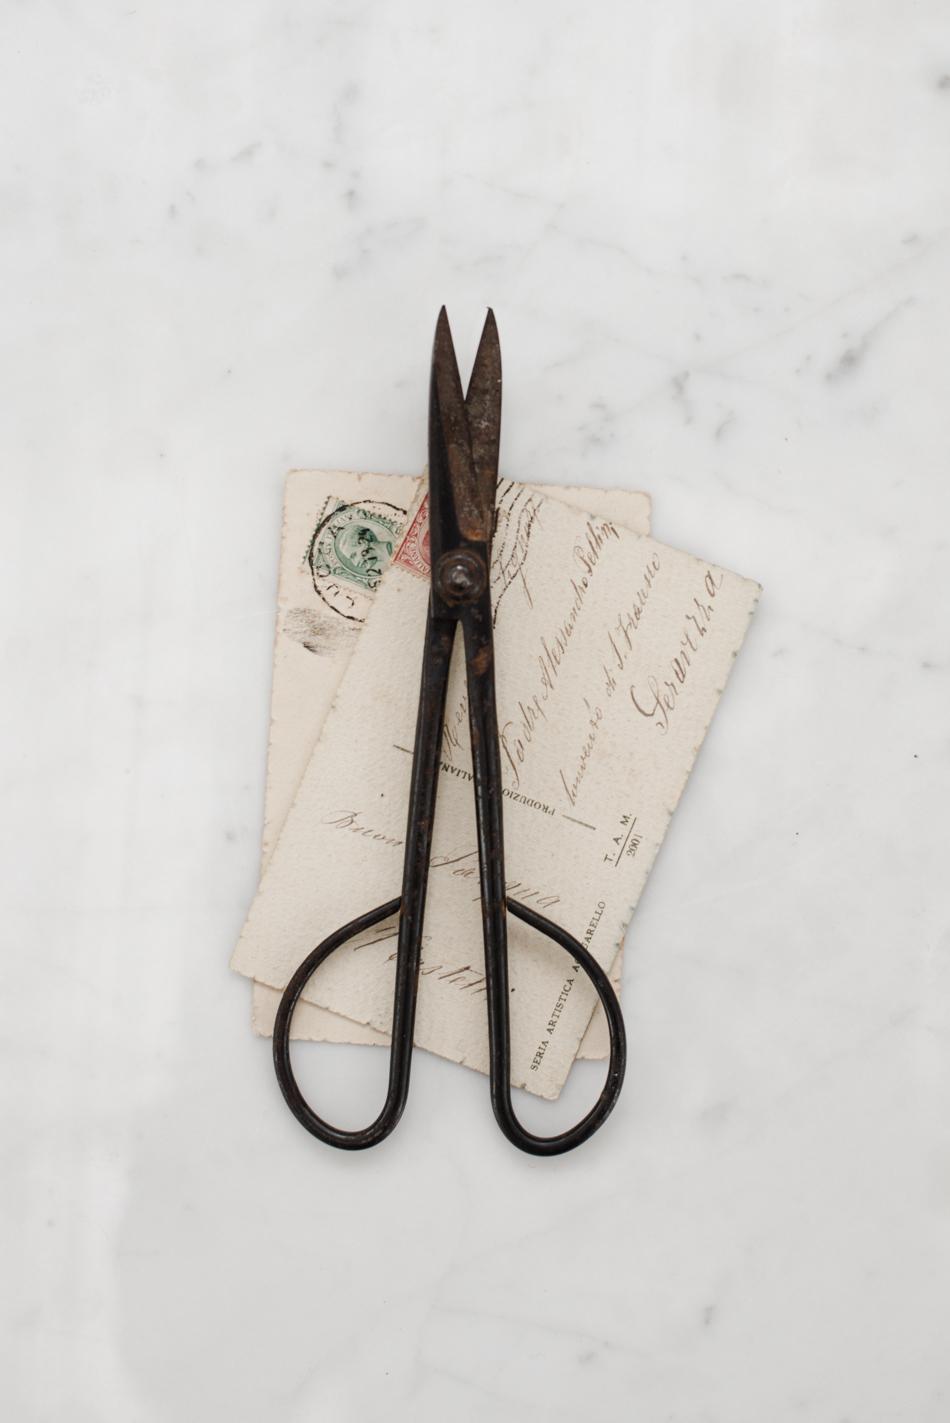 Una cliente giapponese sostiene che queste fossero bonsai scissors. chissà? Le ho ereditate dal padre di mia suocera.